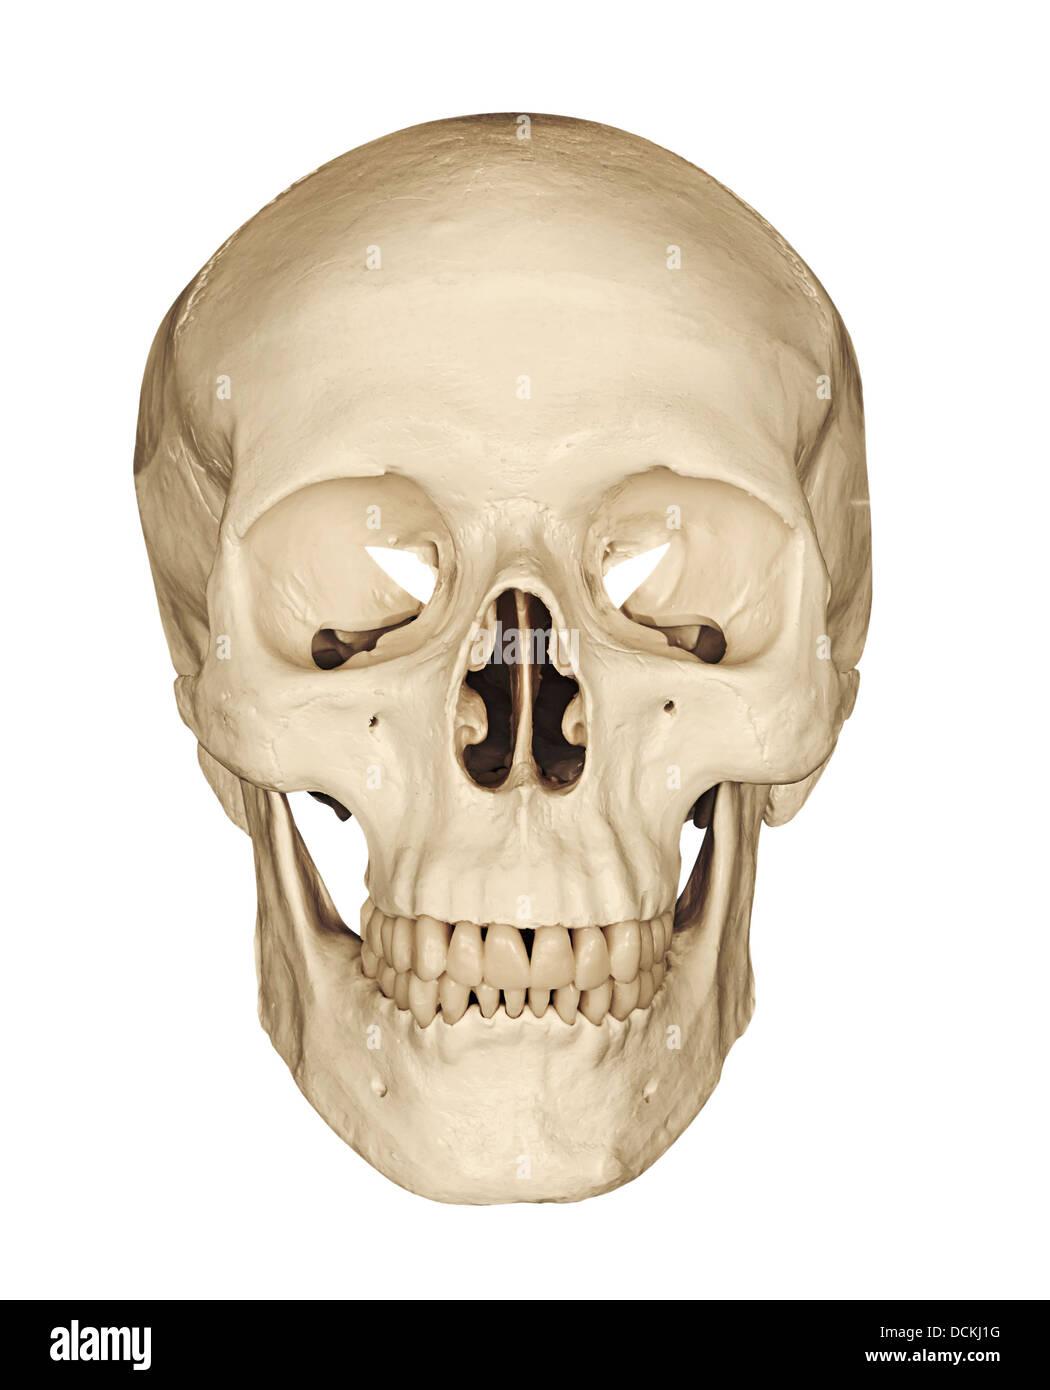 menschlicher Schädel Skelett Kopf vor einem weißen Hintergrund isoliert Stockbild